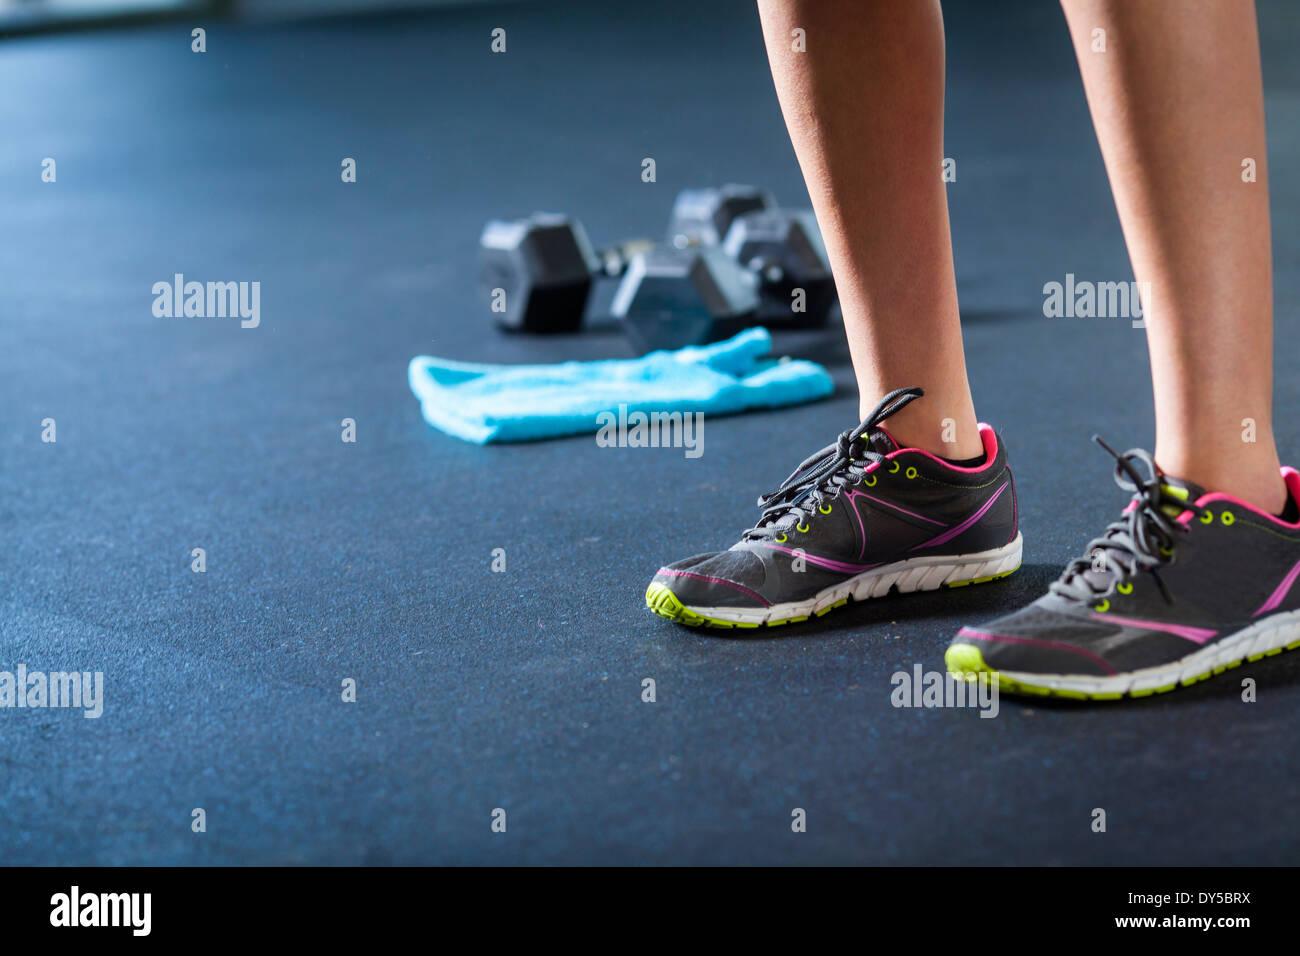 Zapatos deportivos, pesas, toallas Imagen De Stock